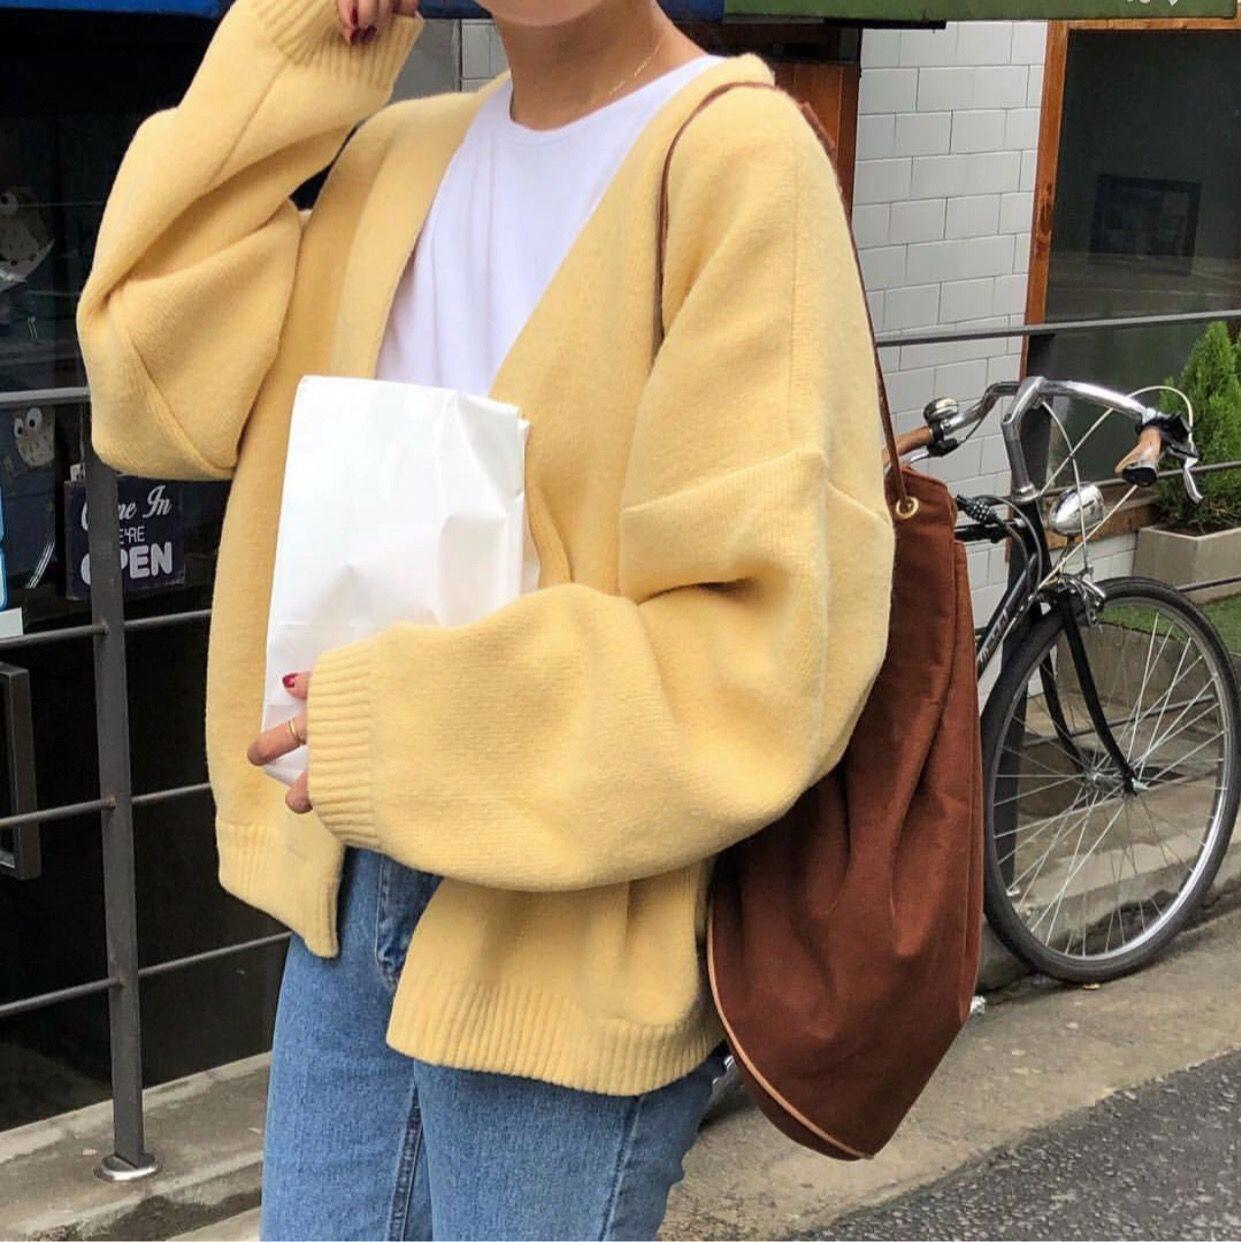 korean street fashion 505 koreanstreetfashion is part of Fashion -